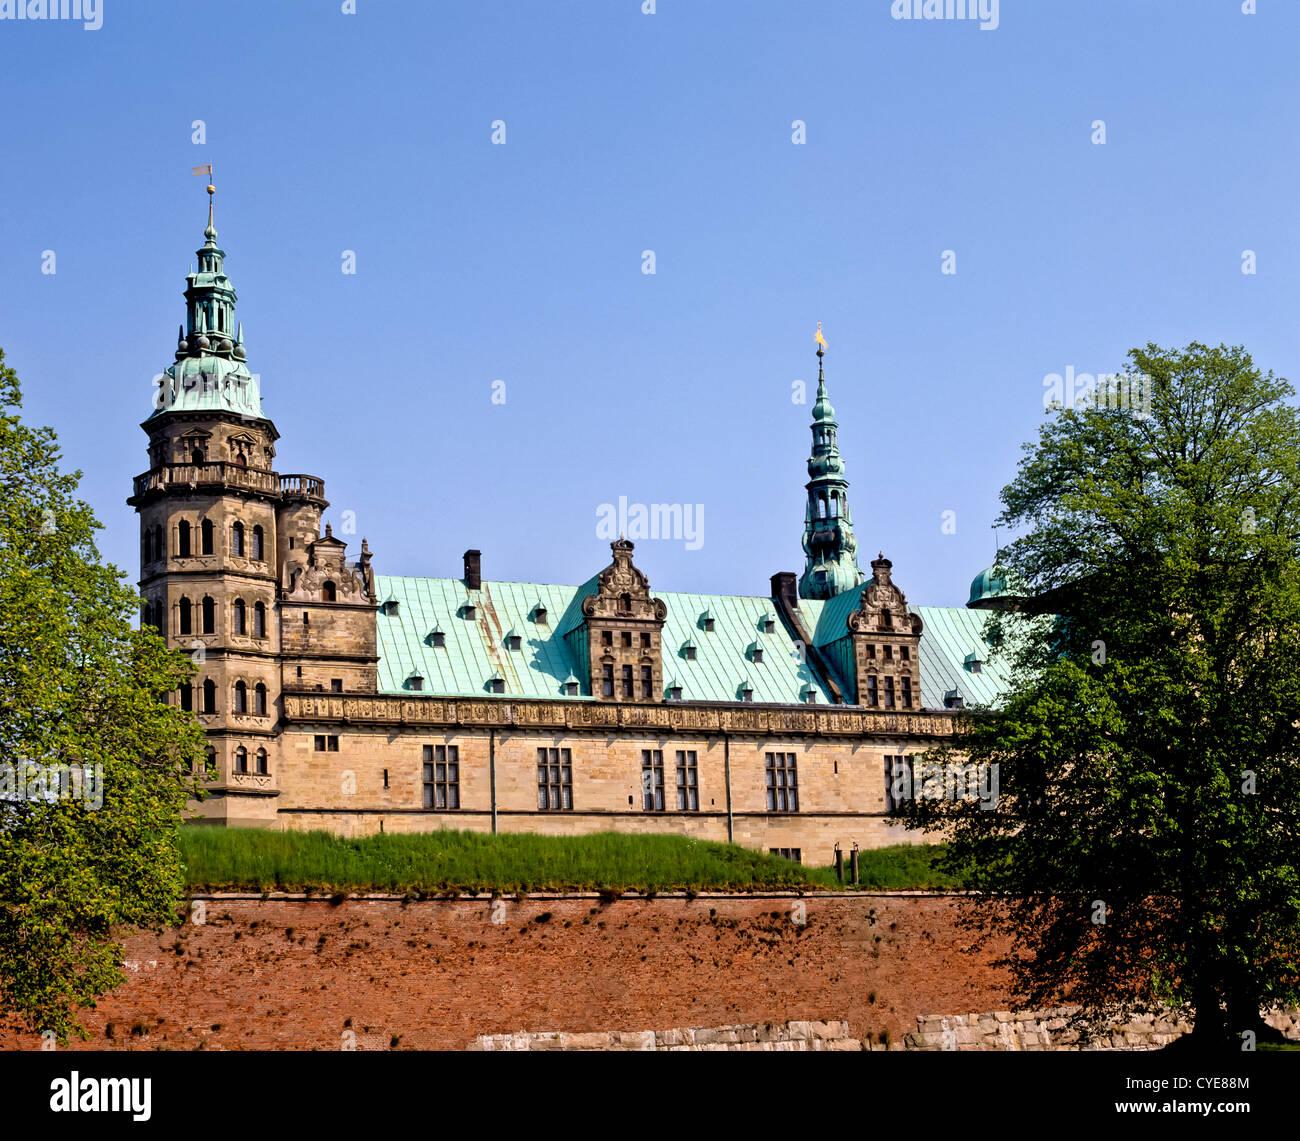 8346. Hamlet's Castle, Elsinore, Denmark, Europe - Stock Image